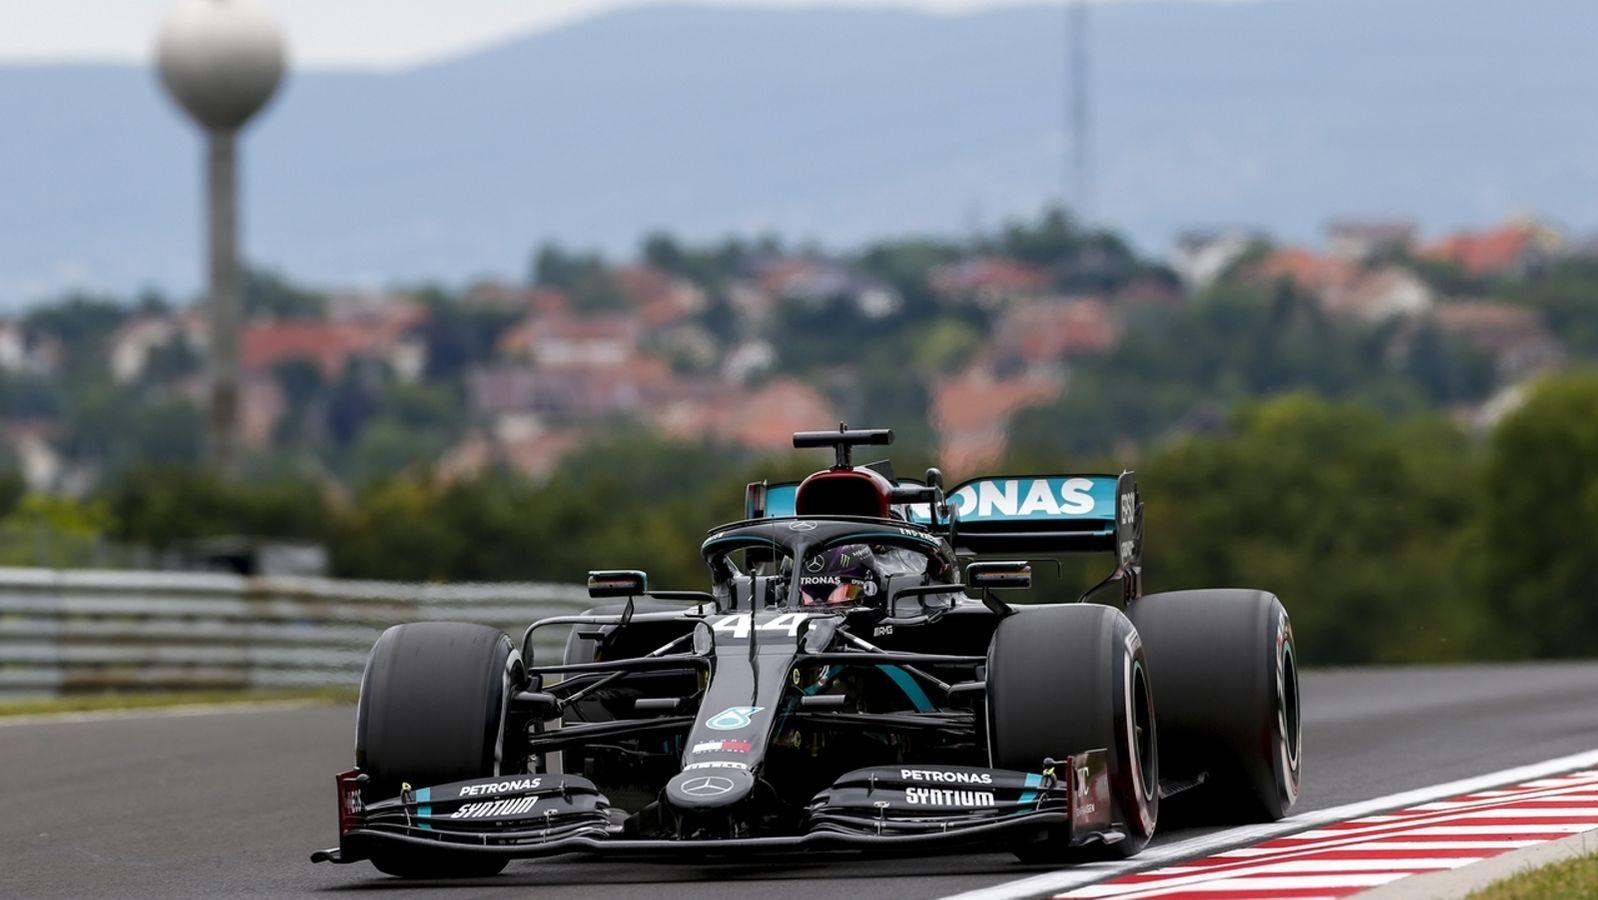 Formel 1: Hamilton holt Pole in Ungarn - Vettel Fünfter